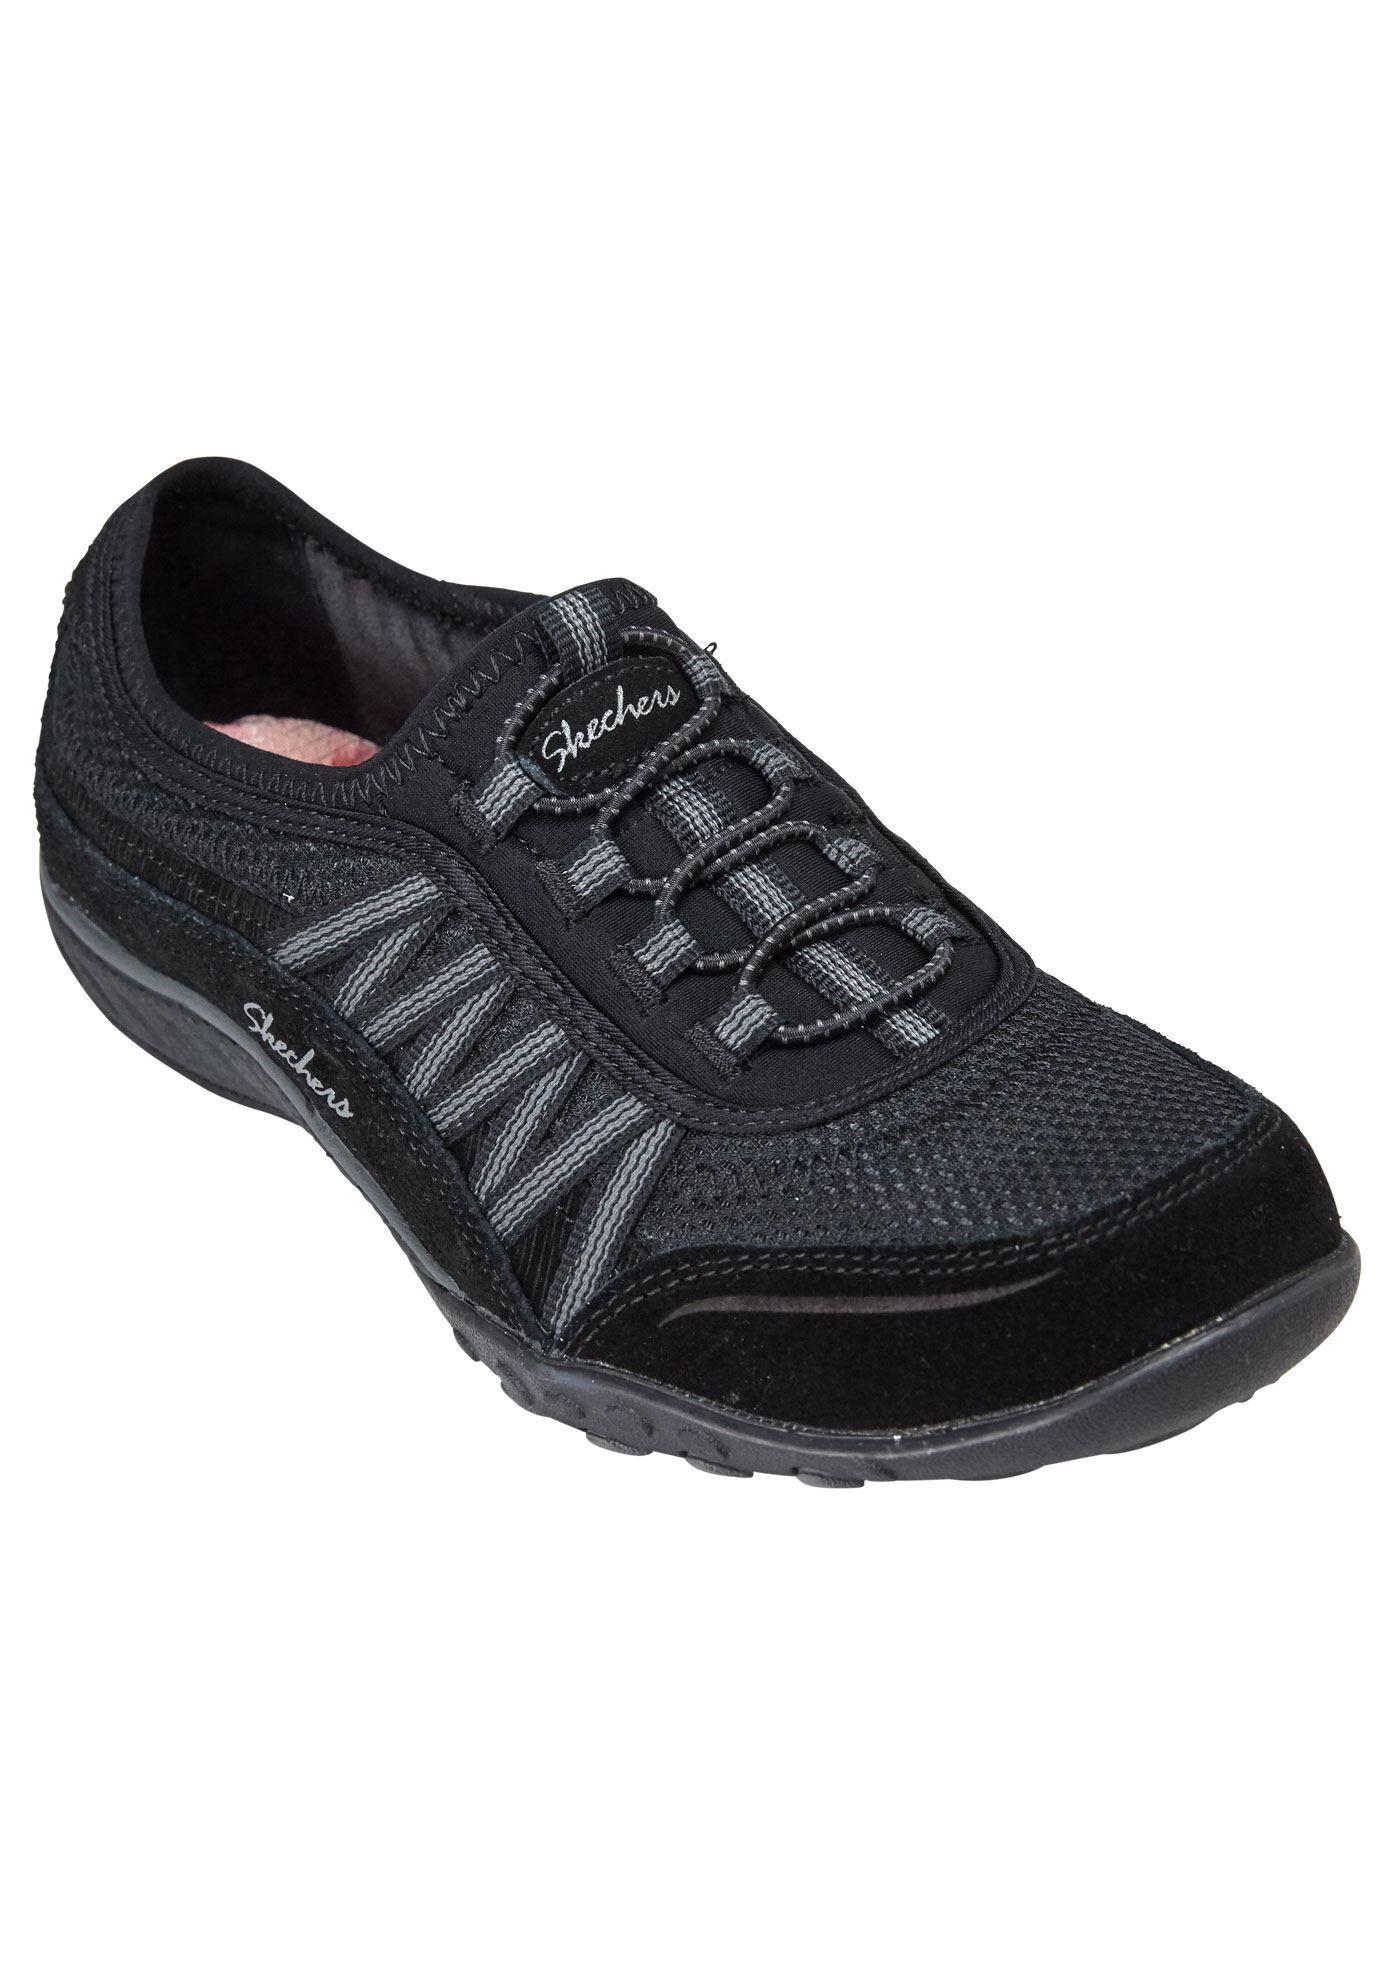 Point Taken Sneakers by Skechers